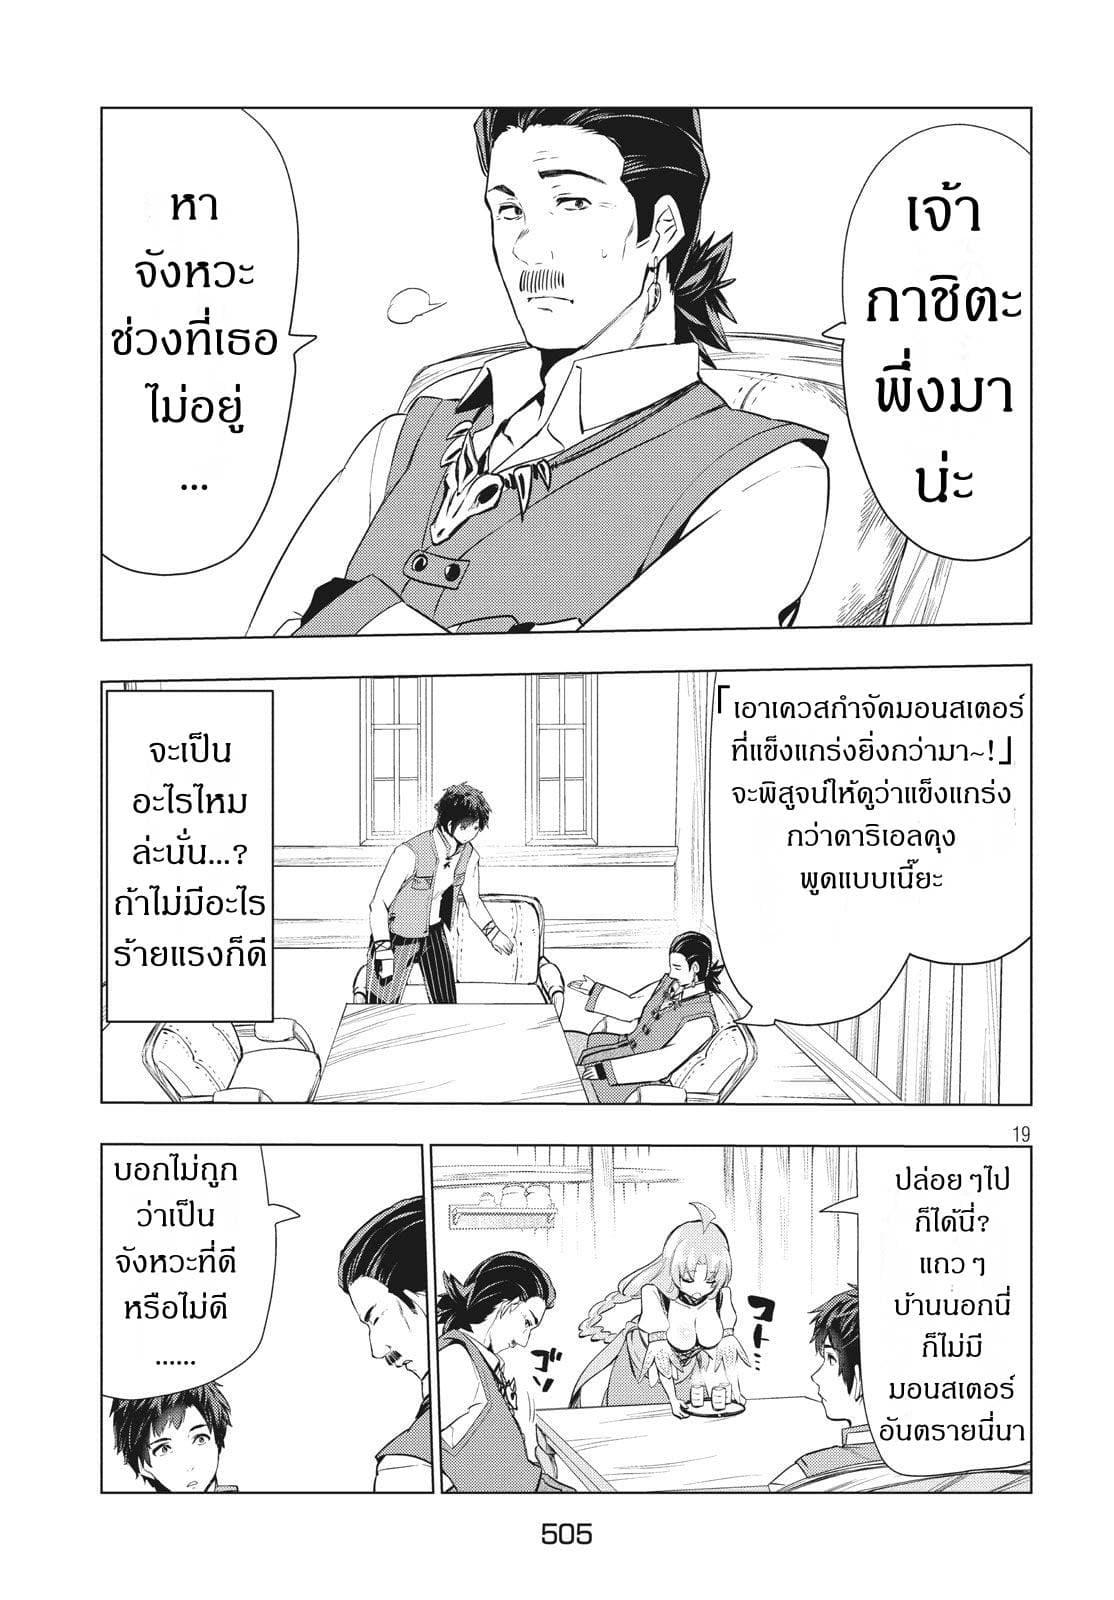 อ่านการ์ตูน Kaiko sareta Ankoku Heishi (30-dai) no Slow na Second ตอนที่ 3.4 หน้าที่ 5